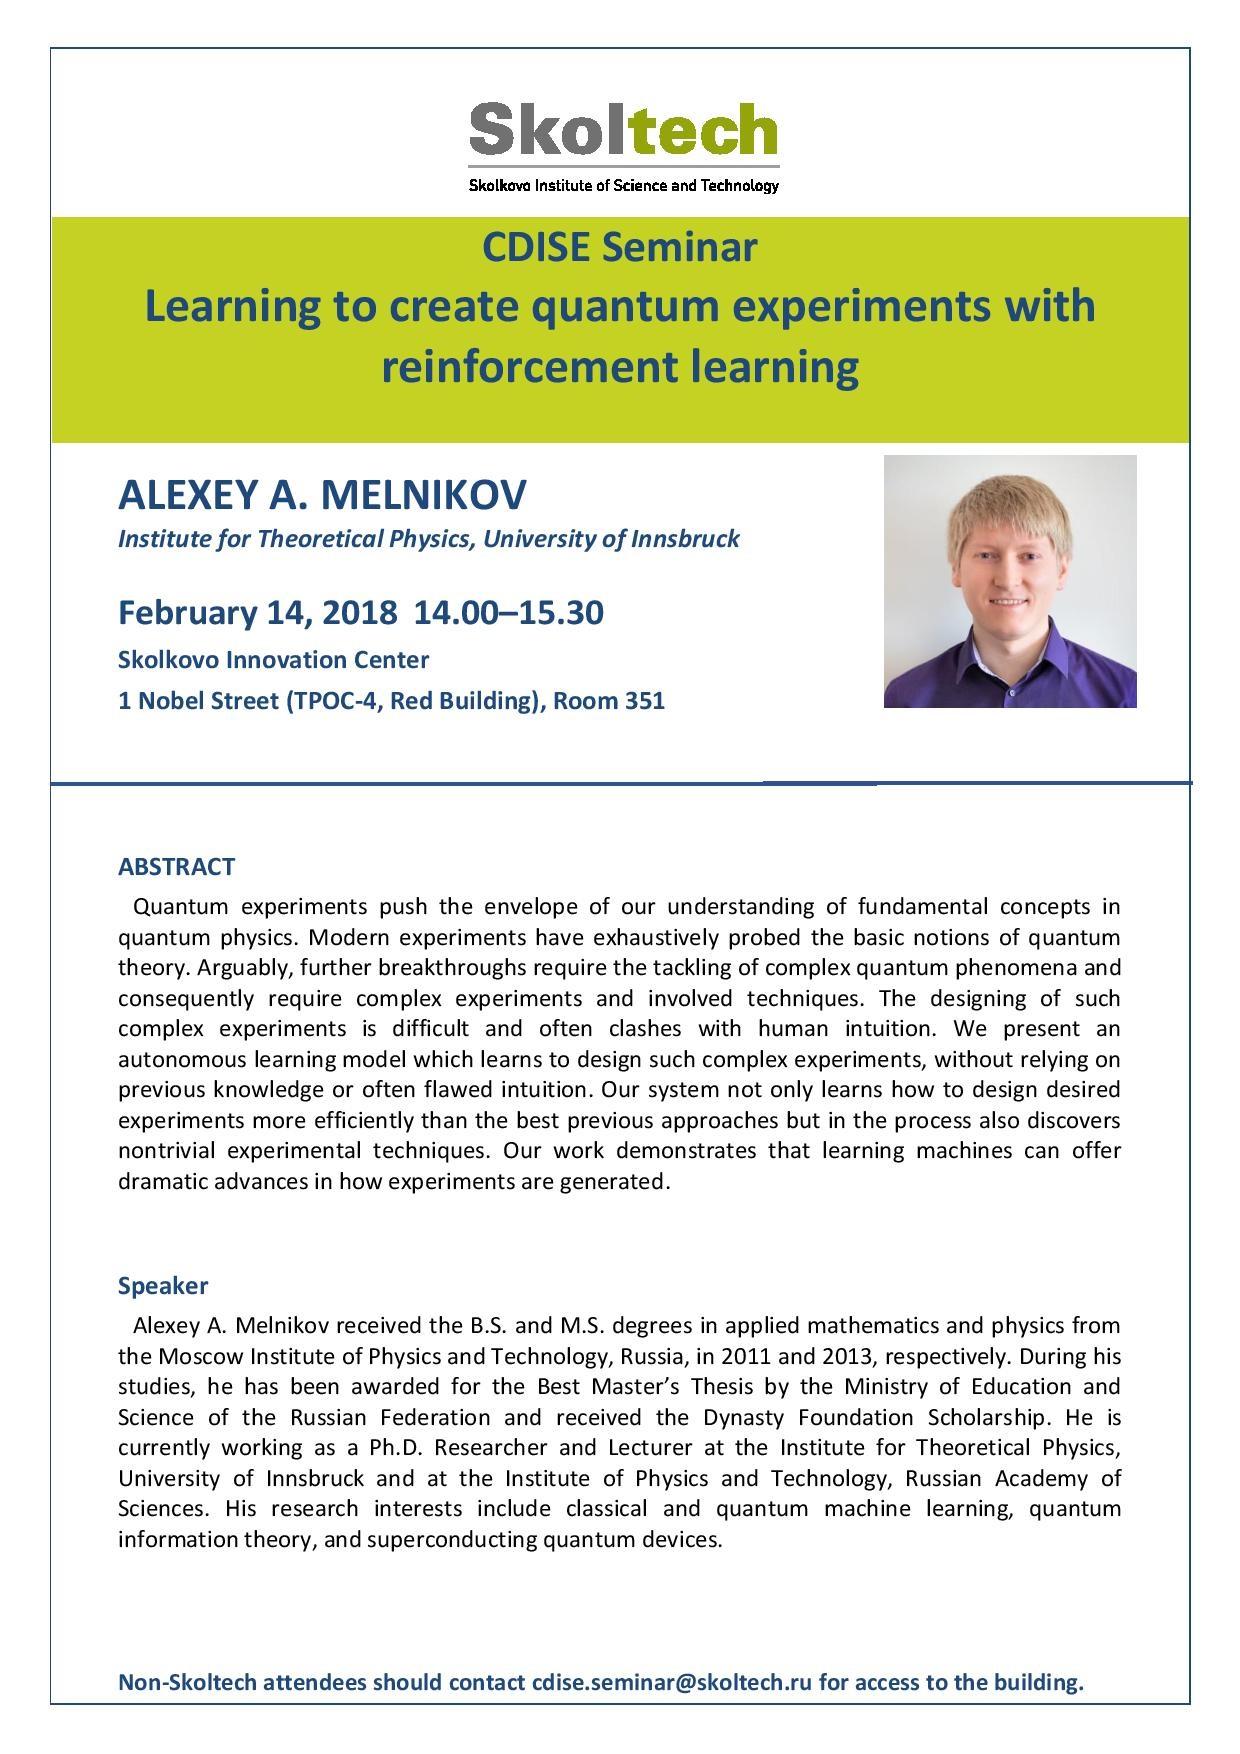 cdise-seminar-announcement_feb-14-2c-2018-a-melnikov-page-001